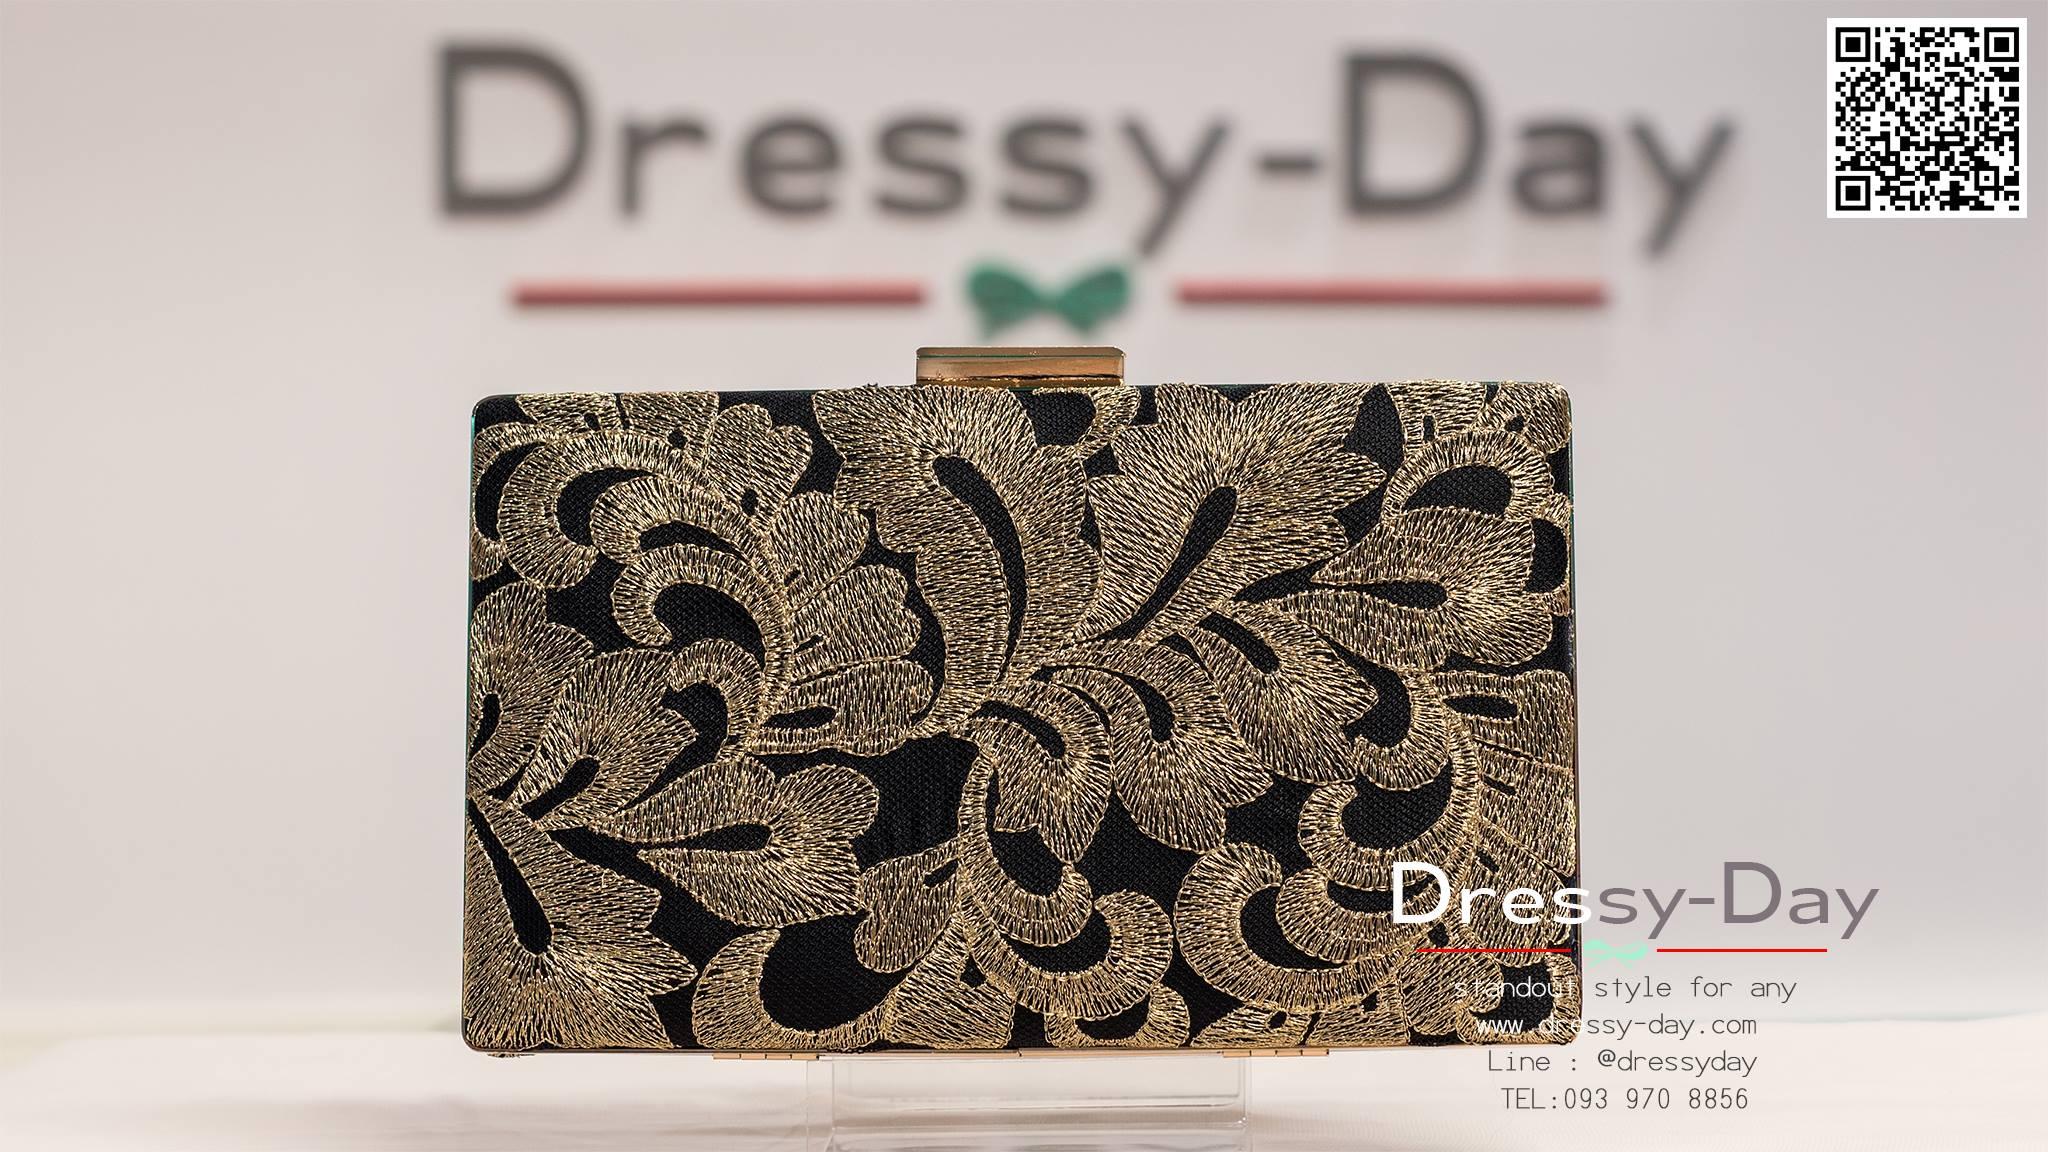 กระเป๋าออกงาน TE034: กระเป๋าออกงานพร้อมส่ง สีดำปักด้ายทองใบใหญ่ สวยเรียบหรู ราคาถูกกว่าห้าง ถือออกงาน หรือ สะพายออกงาน สวยเหมือนดารา